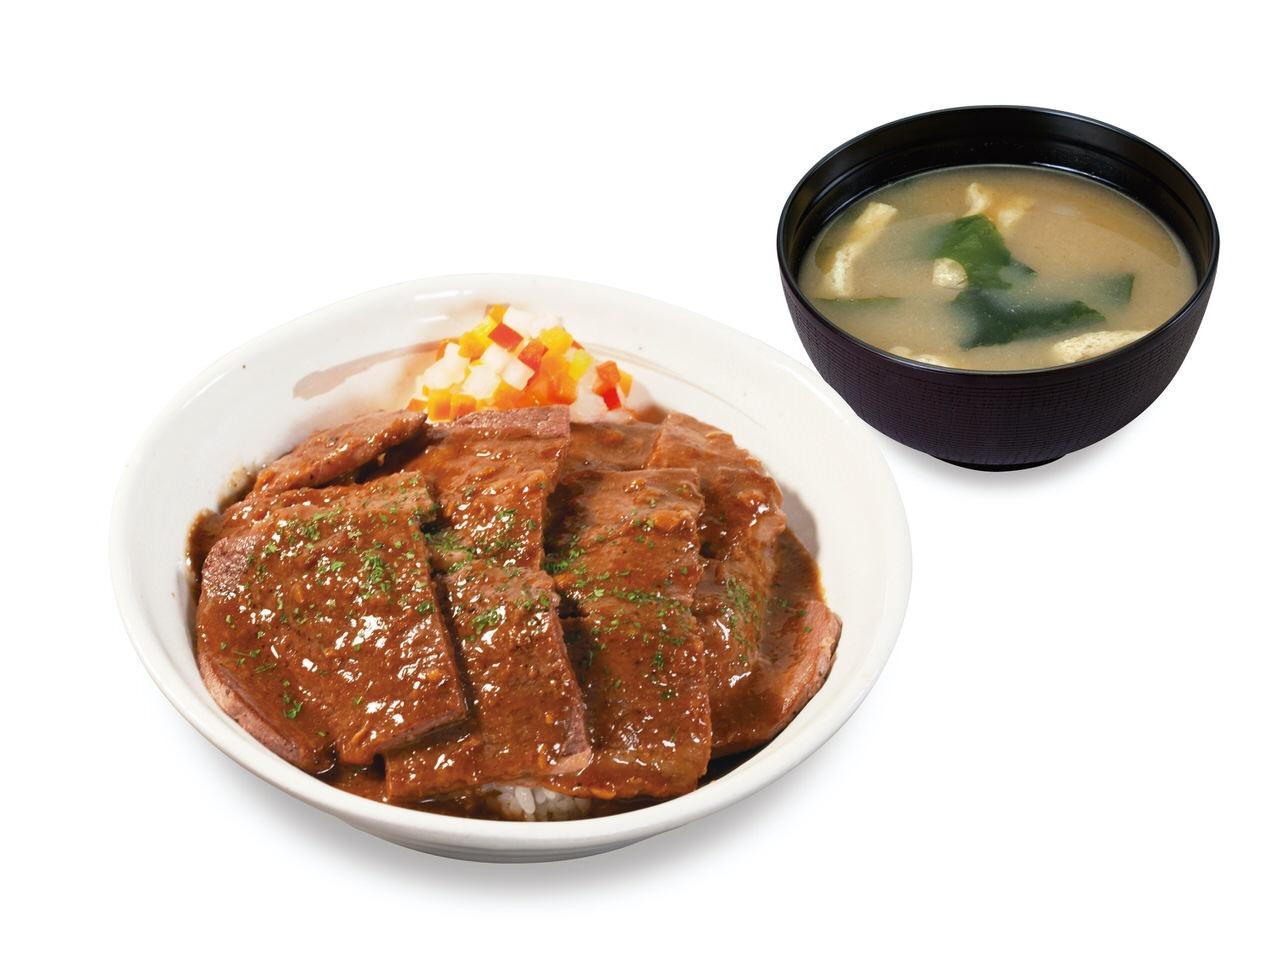 【松屋】選べる極旨ソースにはみ出るボリュームの「牛ステーキ丼」10月6日より発売開始